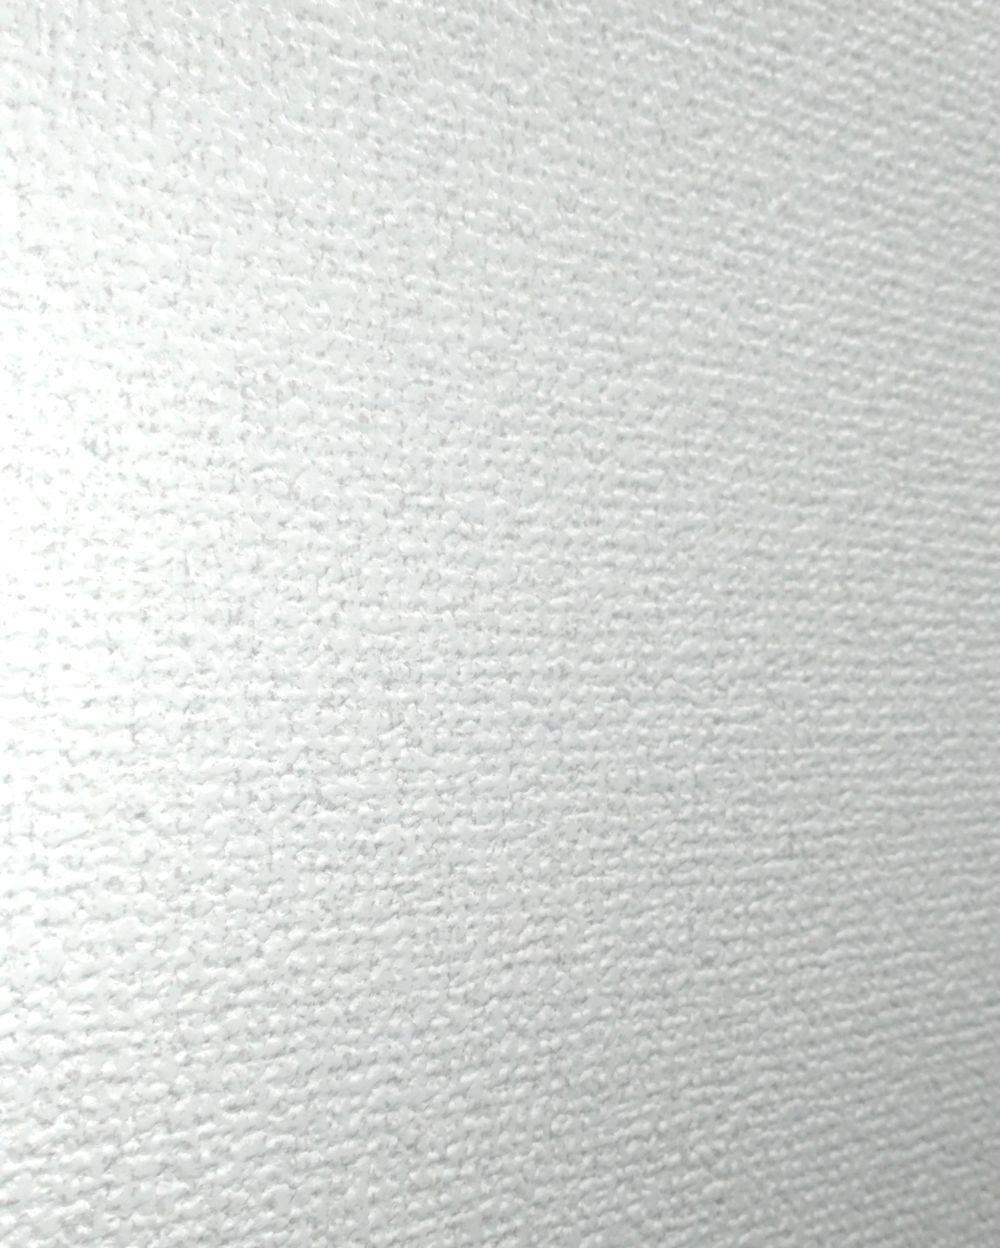 超必見 壁を痛めずにポスターを飾ったりテープを貼る方法 賃貸でもok 左に右折 Trttl